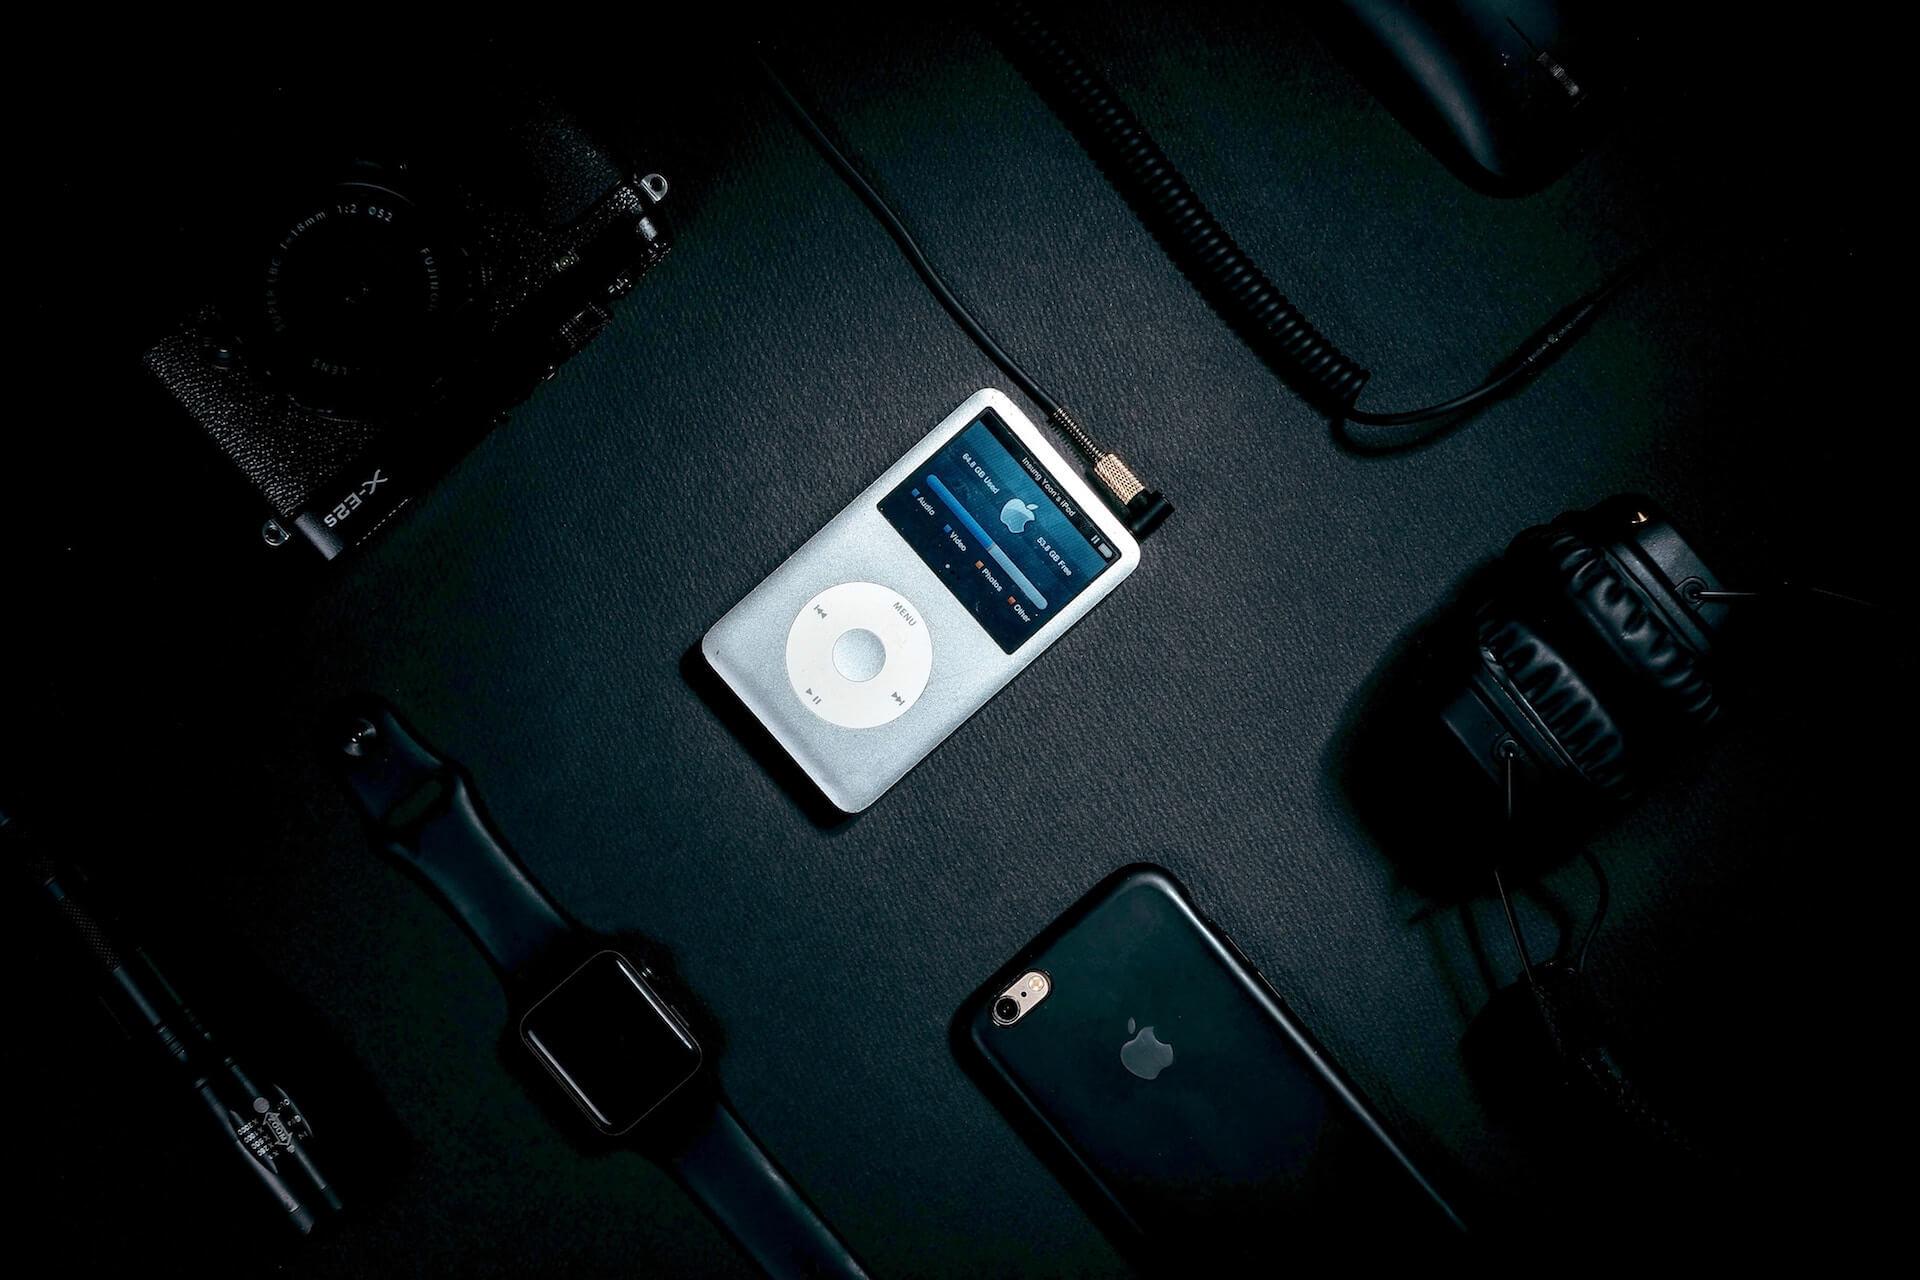 iPod ClassicがiPhoneで蘇る!?UIを再現したアプリが話題|独特なクリック音も再現 tech191129_ipod_main